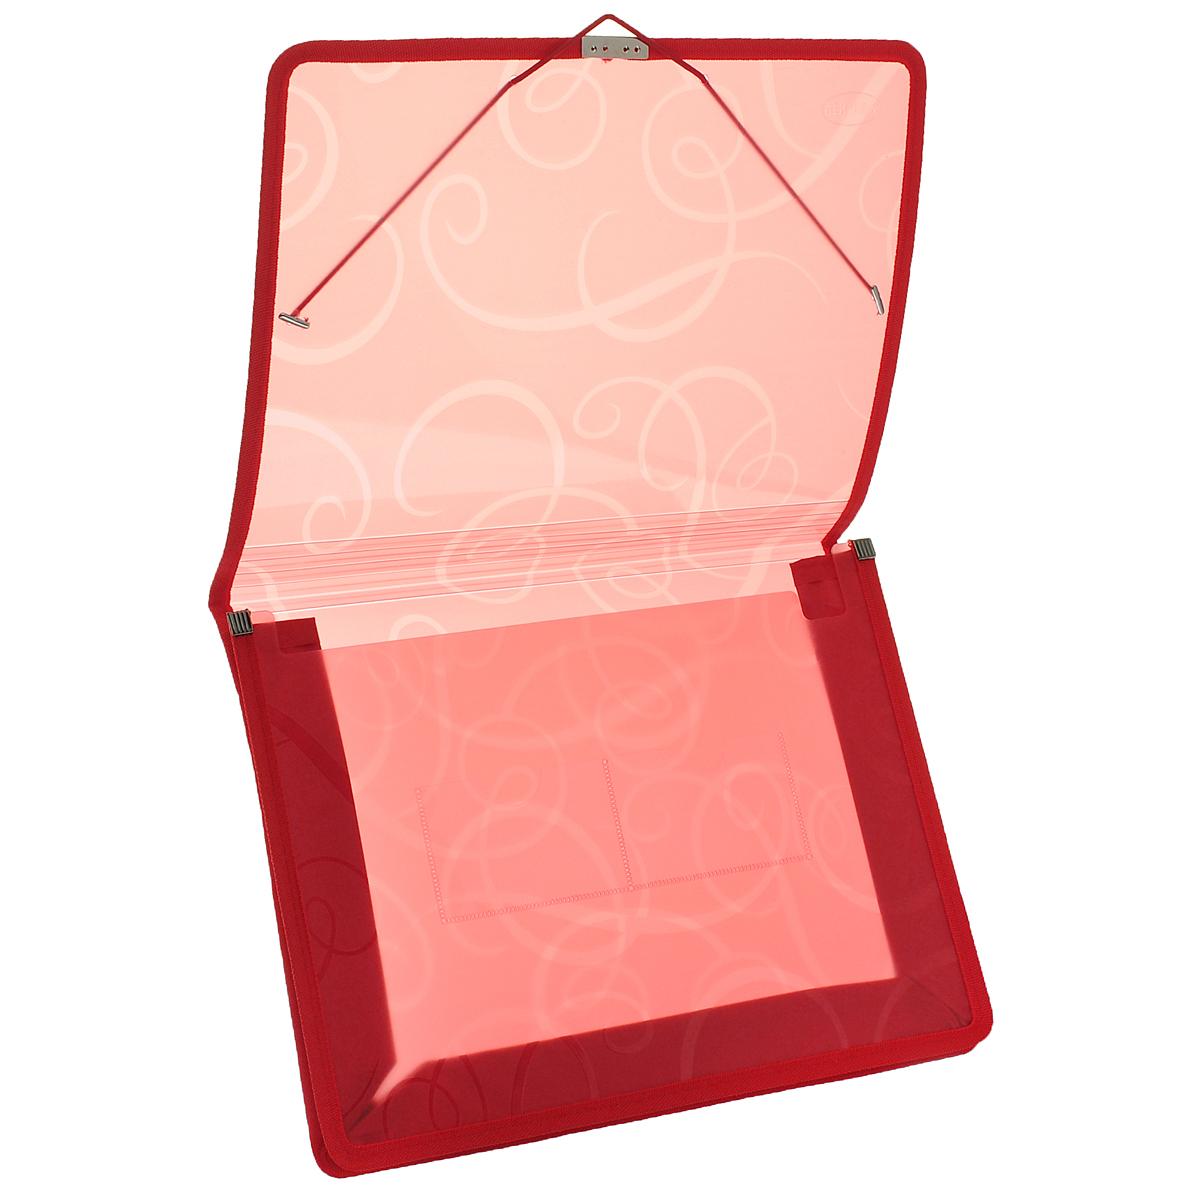 CentrumПапка-конверт на резинке цвет красный 80802К Centrum